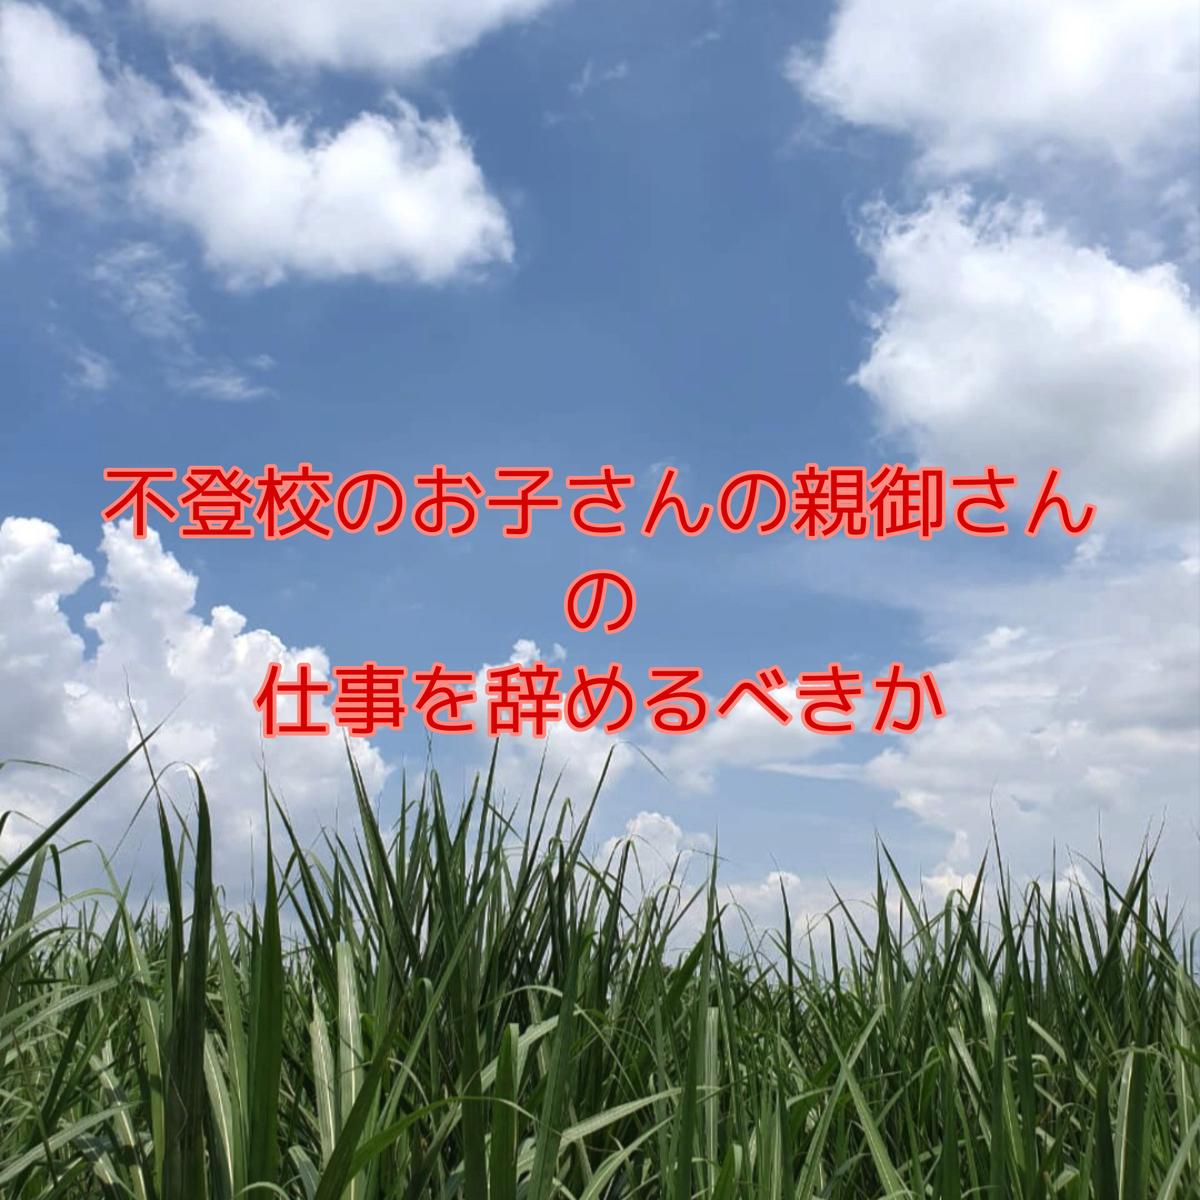 f:id:nanamiyuki:20210518072545j:plain